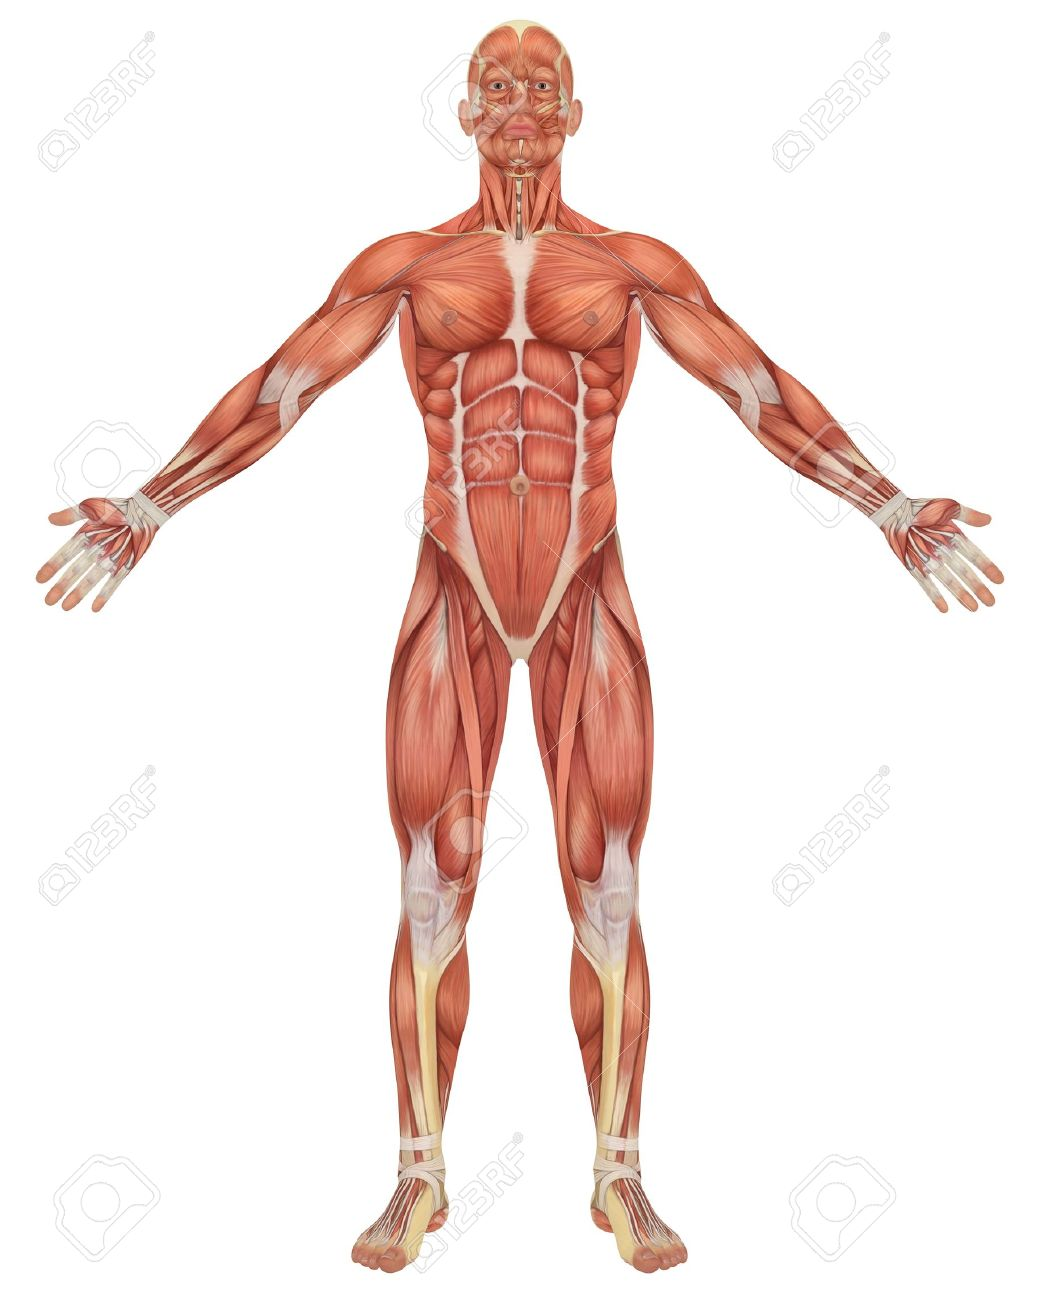 Erfreut Muskelanatomie Zeitgenössisch - Menschliche Anatomie Bilder ...